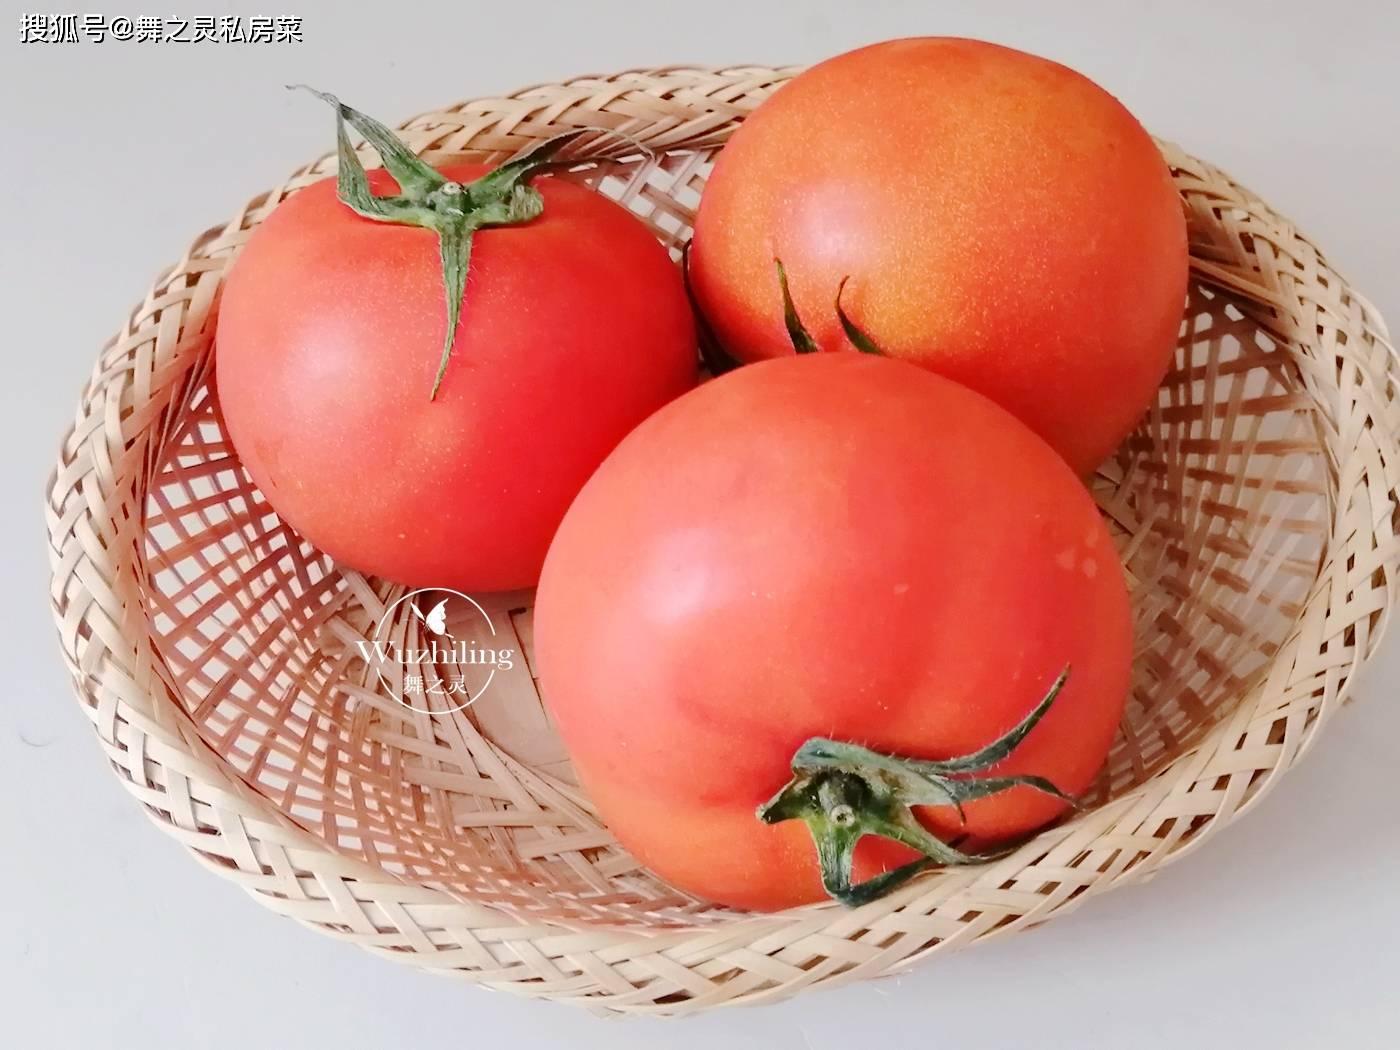 入秋后,记得常吃这3种蔬菜,养脾胃补水分,身体越来越棒